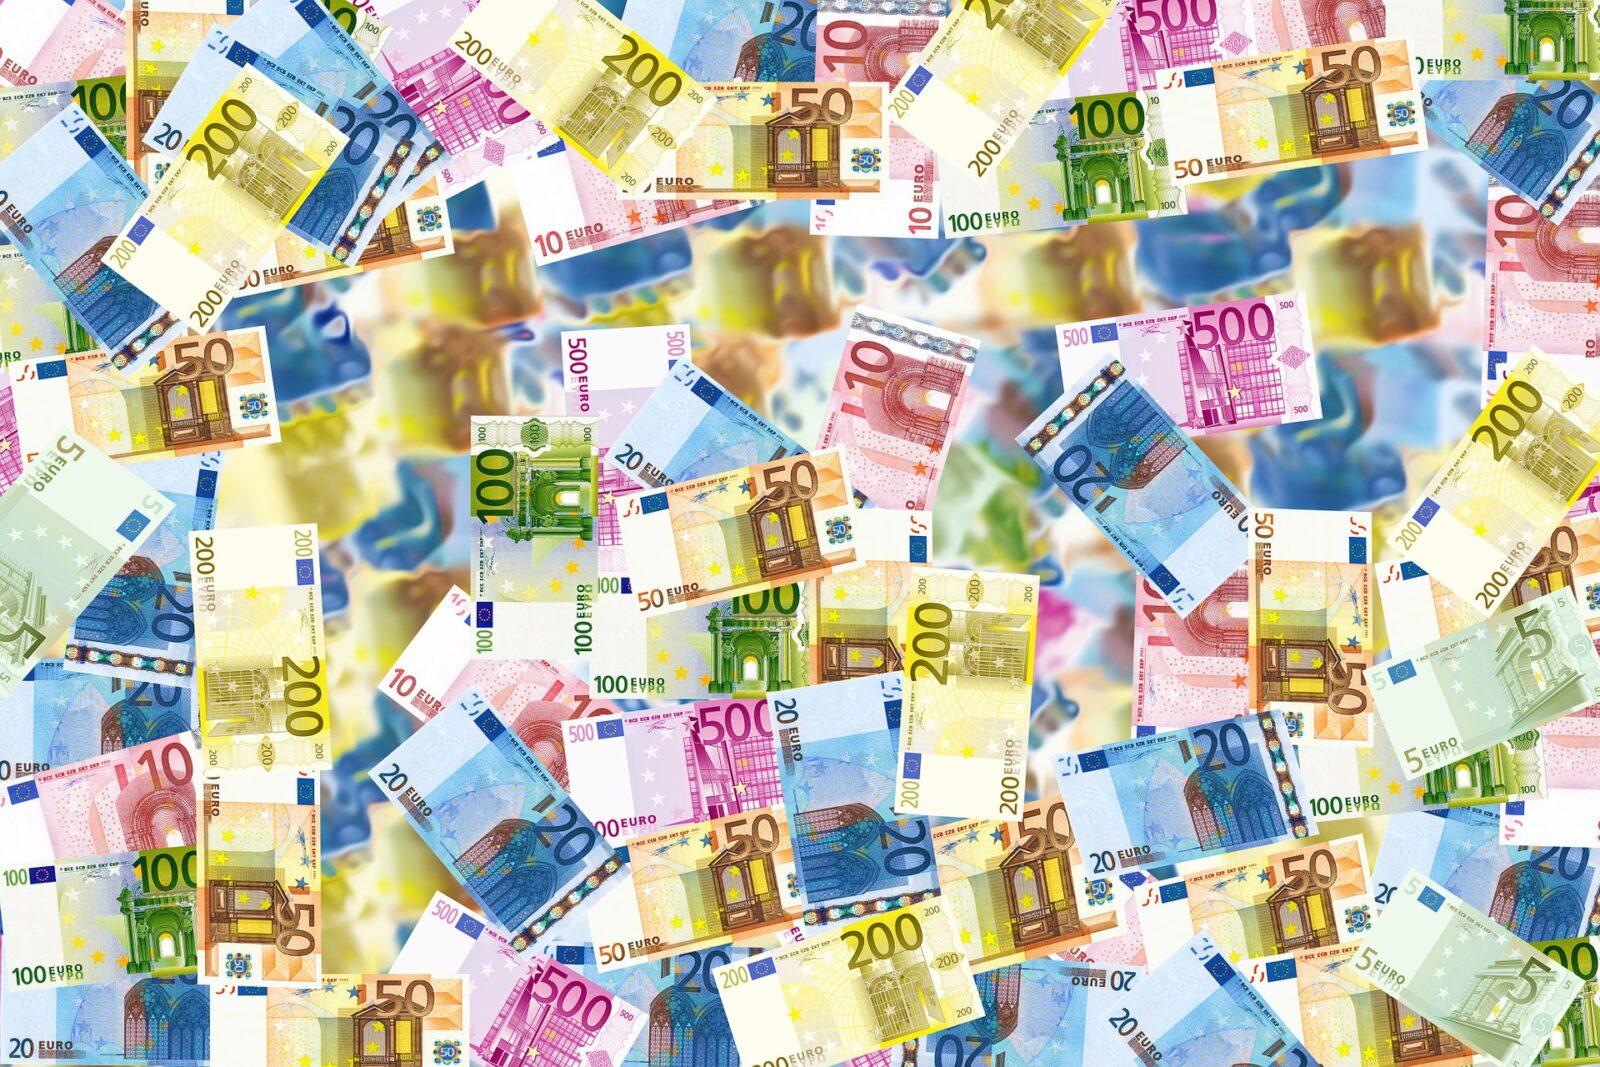 Come risparmiare soldi in famiglia, 5 consigli pratici